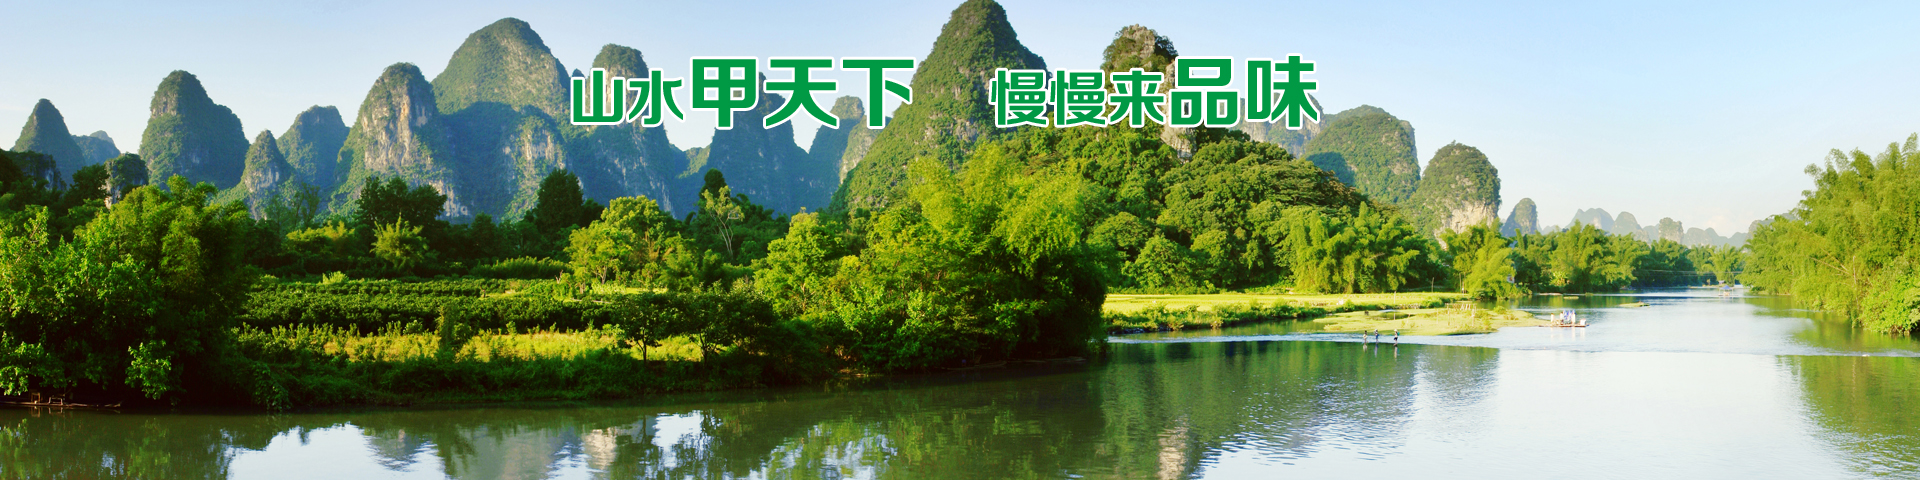 桂林五月穿衣打扮